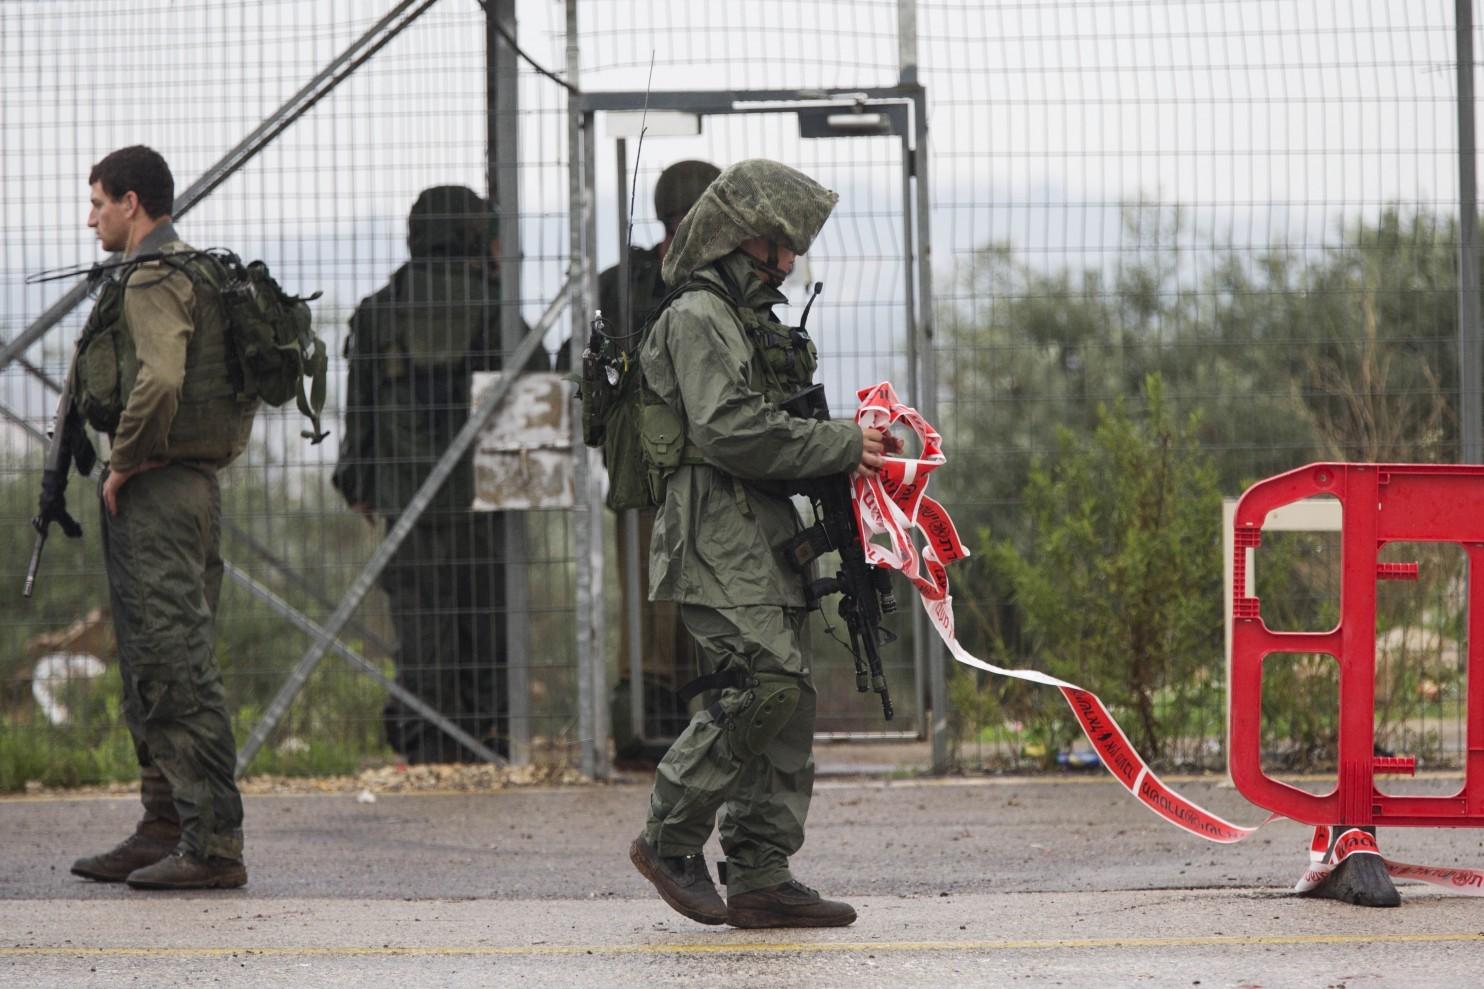 Palestinian University Student Shot Dead By Israeli Troops